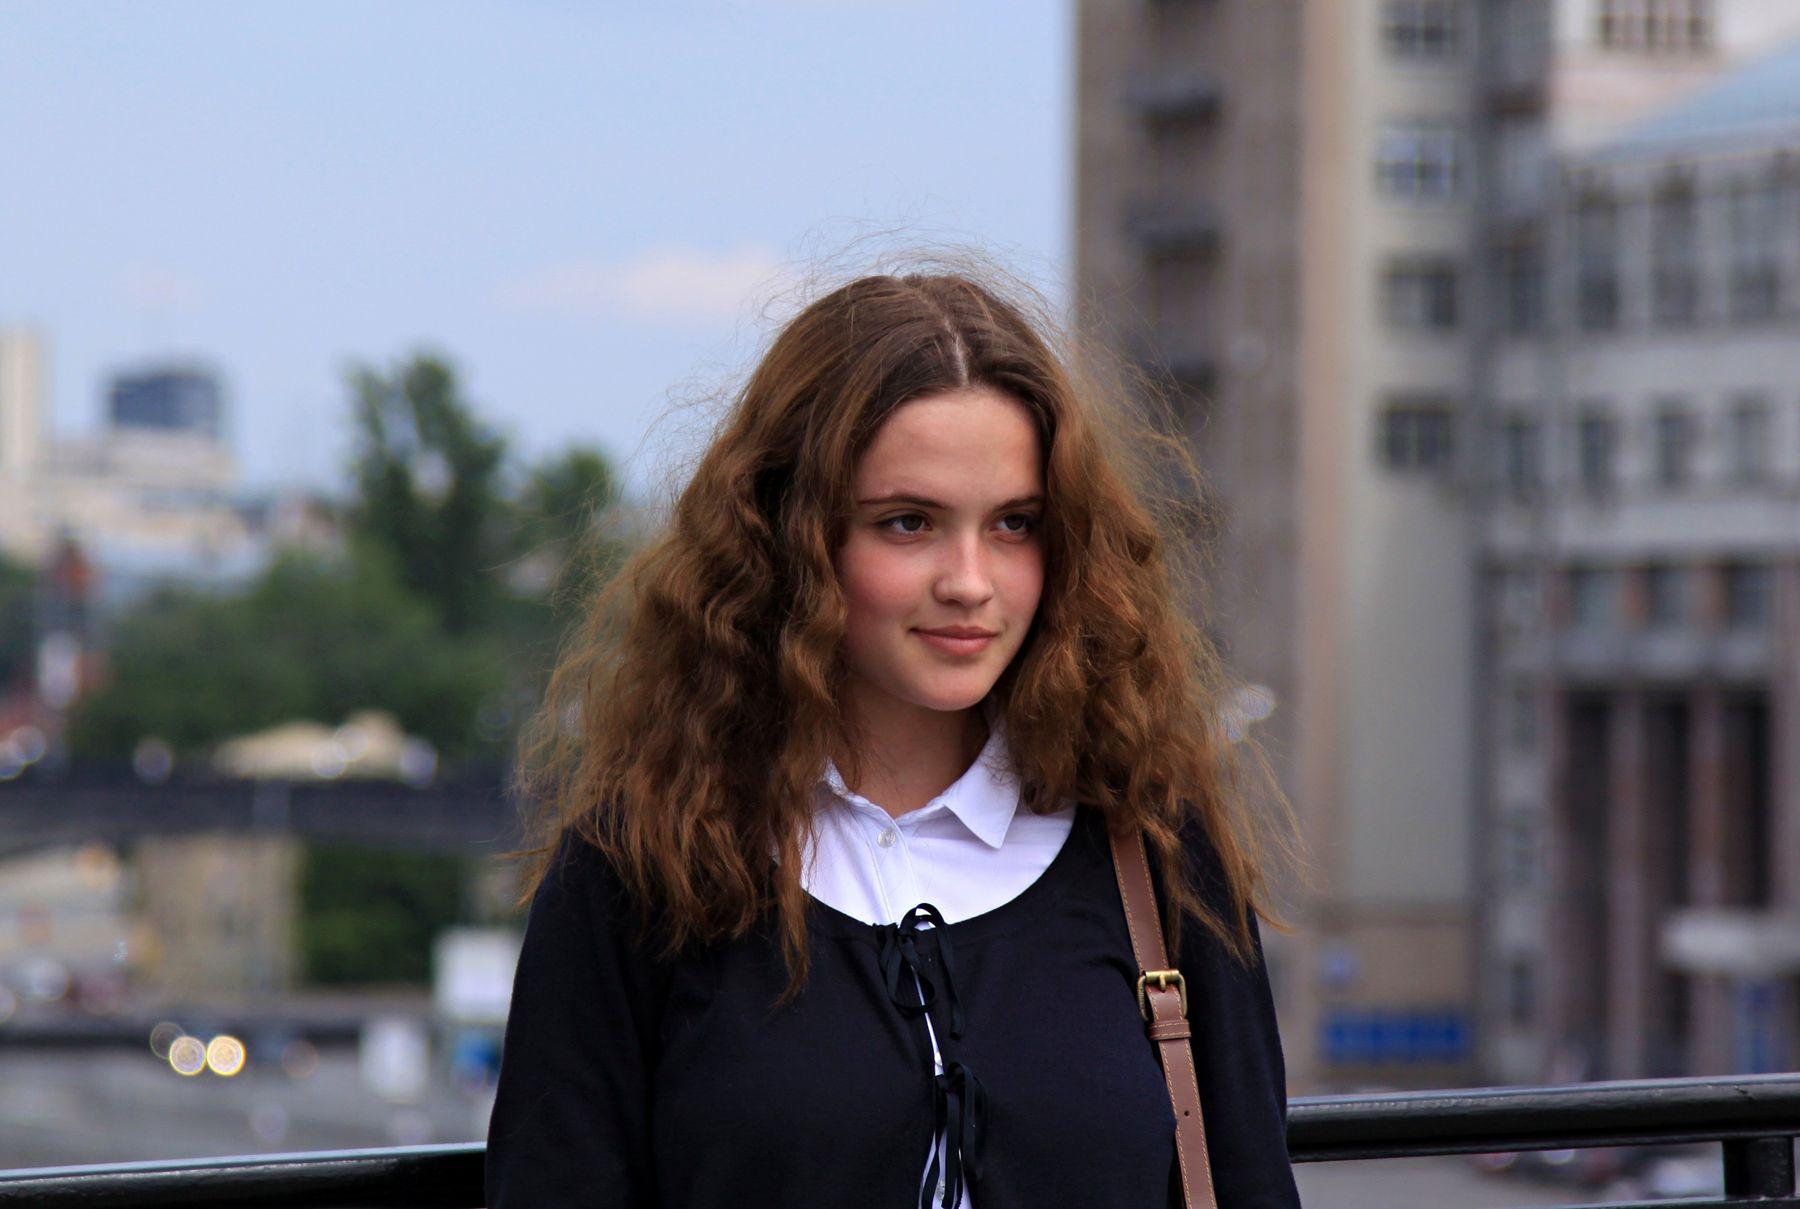 Прохожая люди лица город прохожие уличный портрет стрит девушки красавицы